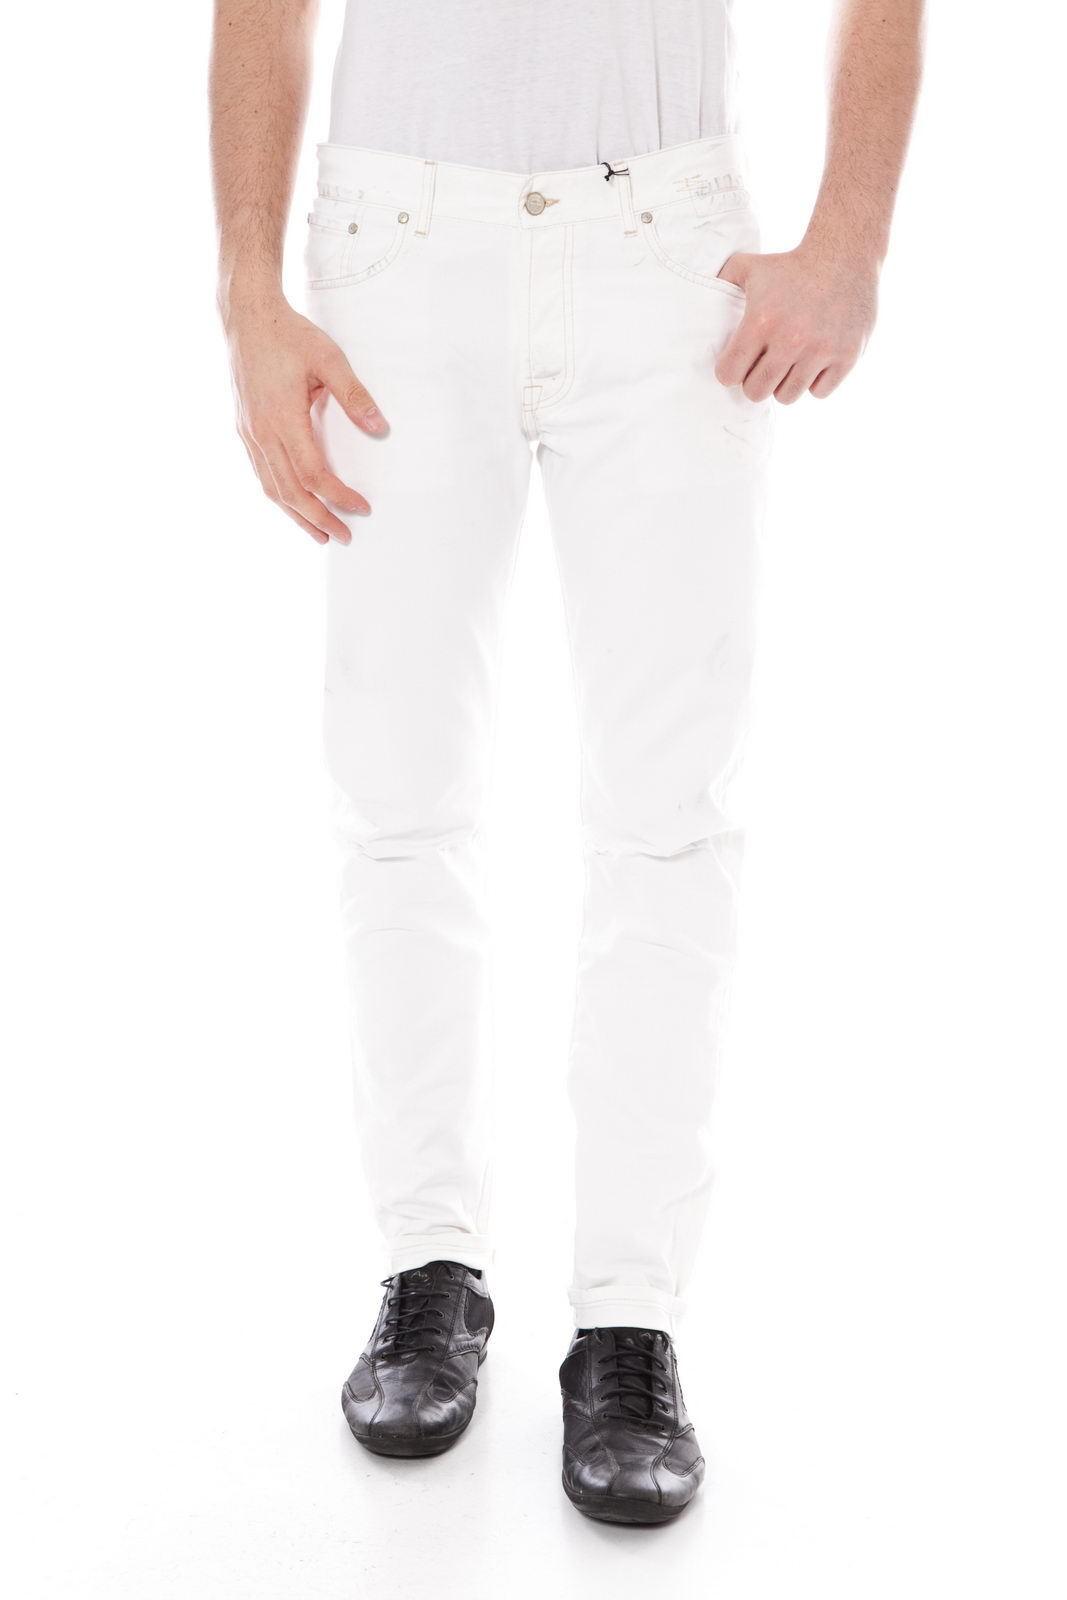 Pantaloni Daniele Alessandrini Jeans Trouser Cotone men Bianco PJ5261L232302 2